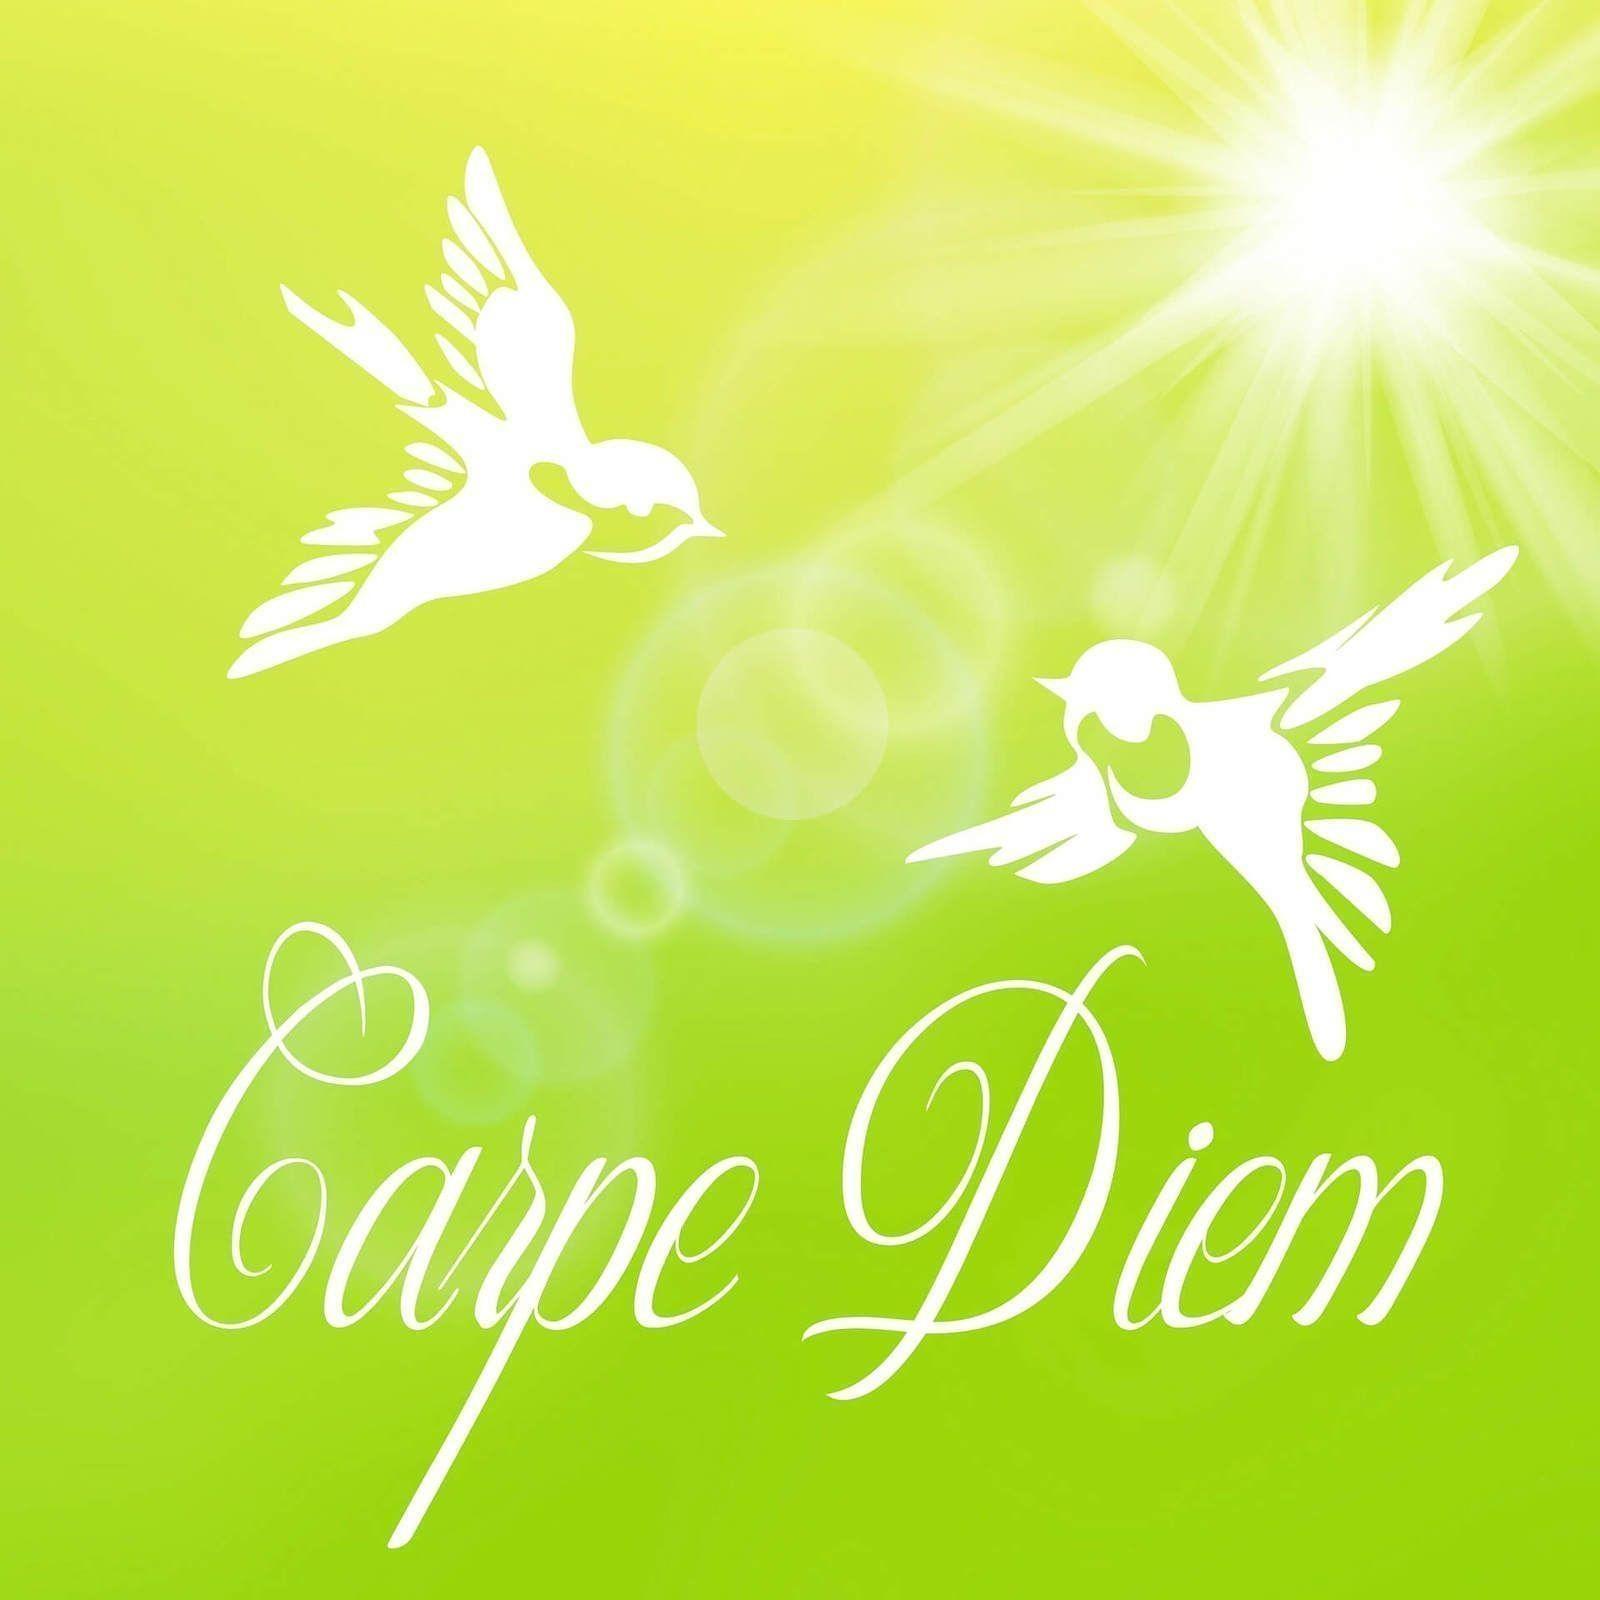 Carpe Diehn